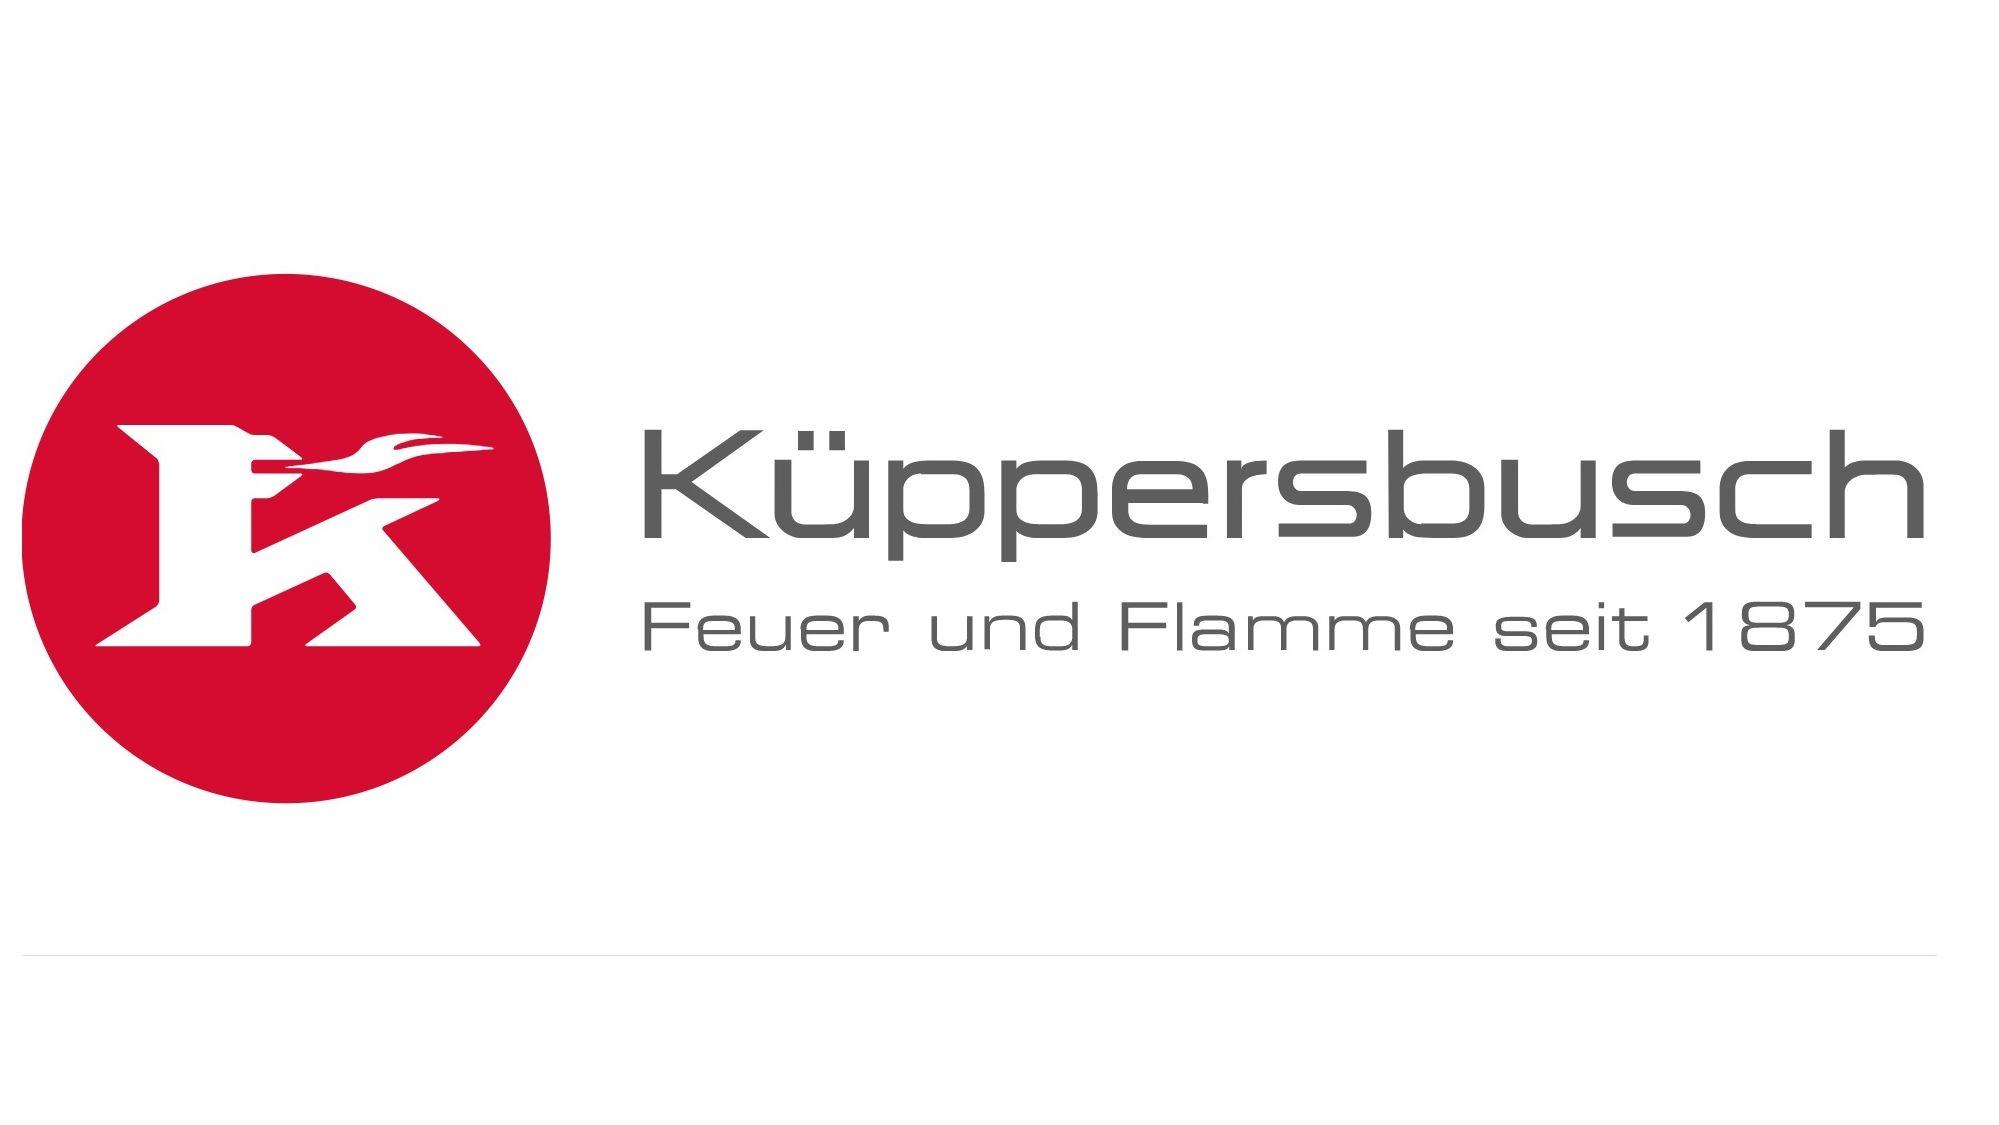 Kuppersbusch Aus Fur Profitechnik Angekundigt